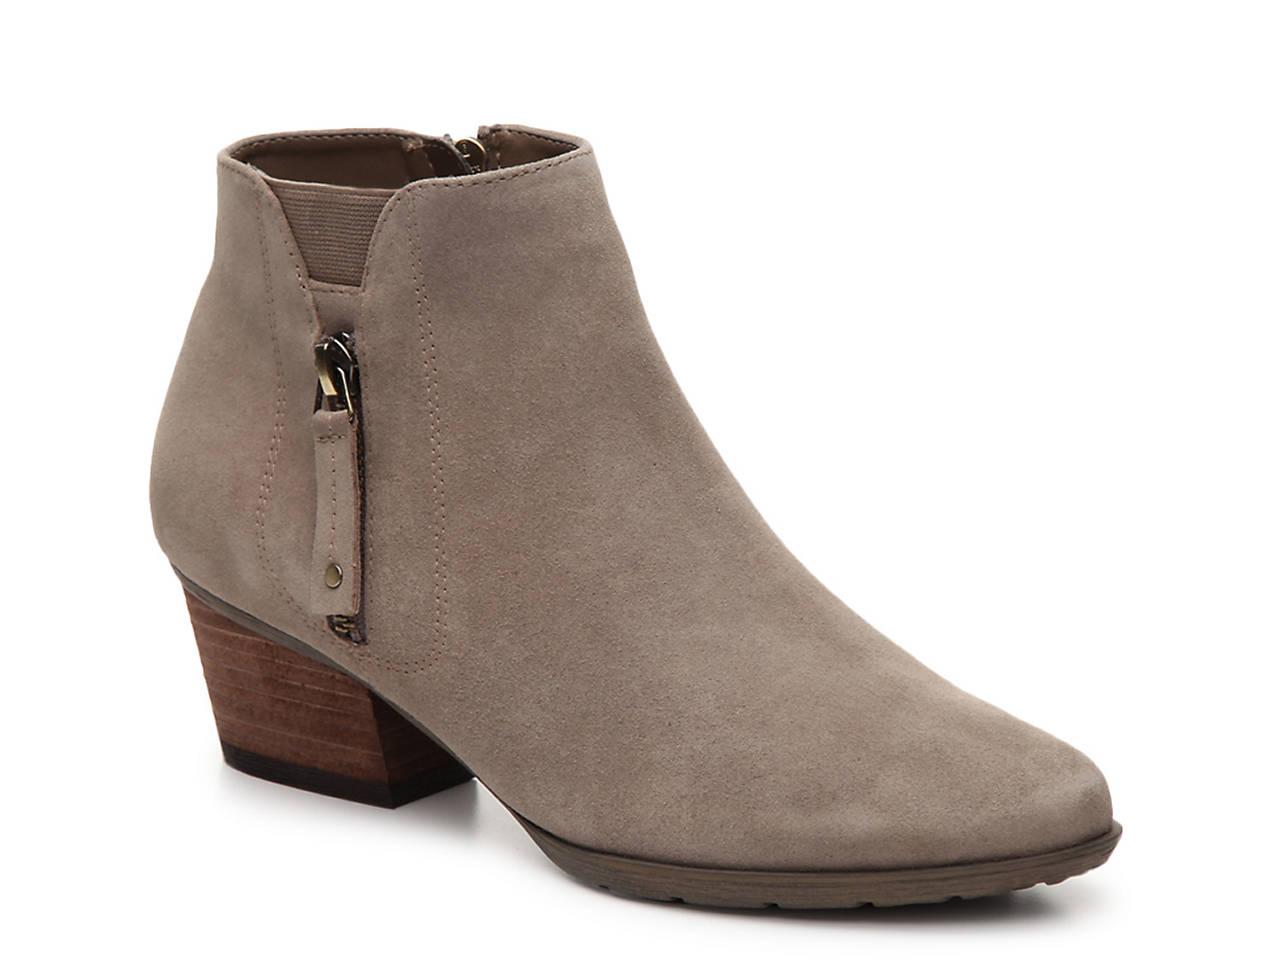 d495d05c1 Blondo Ibiza Bootie Women's Shoes | DSW